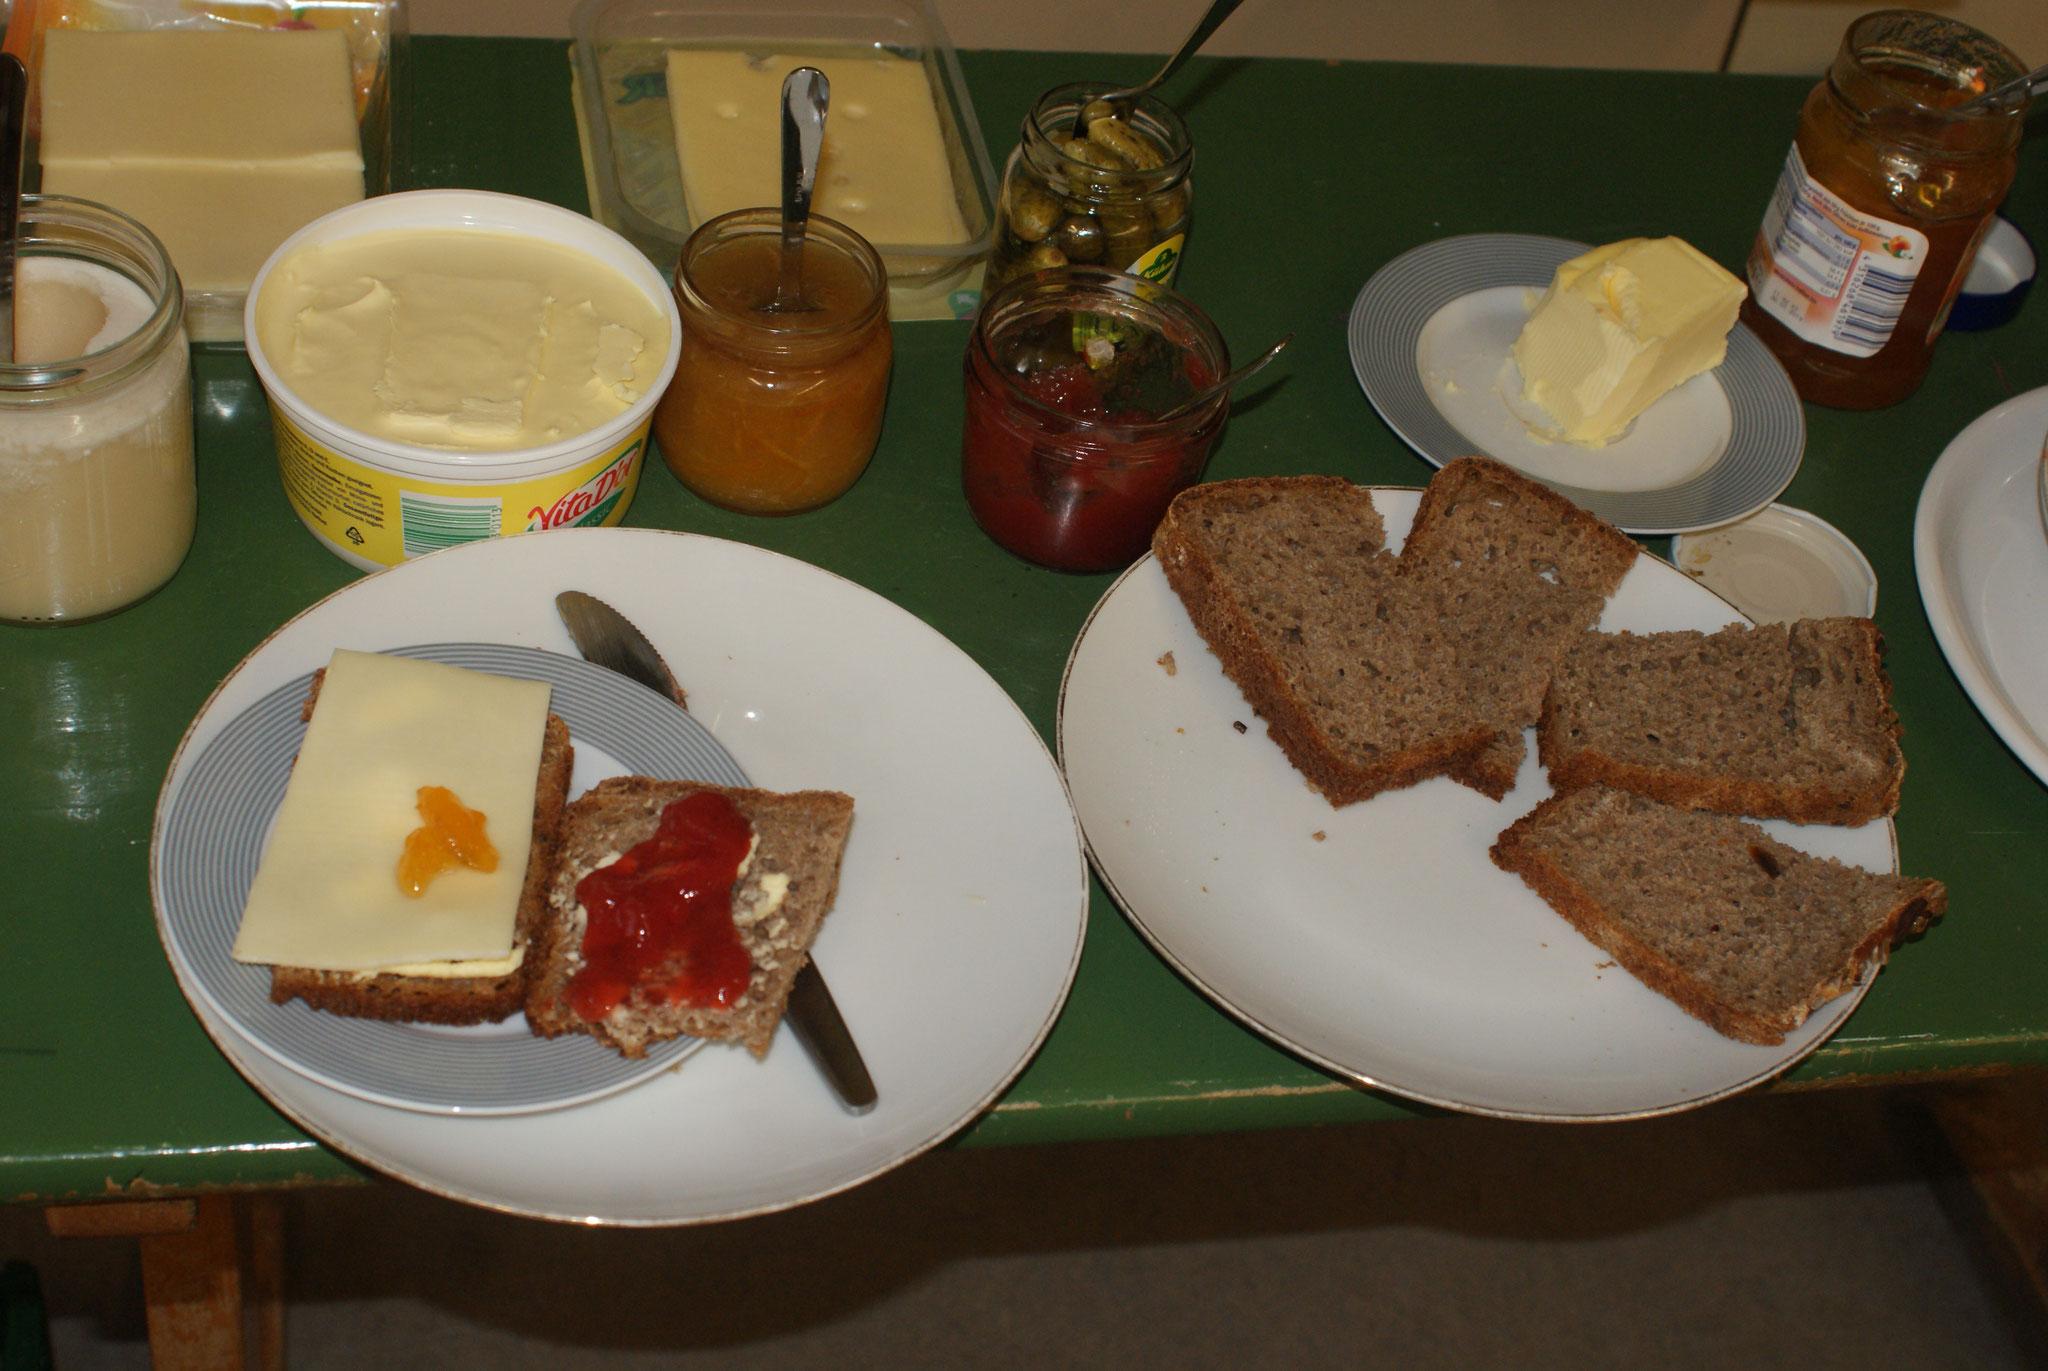 Lecker - Marmelade und Käse auf unserem selbstgebackenen Brot